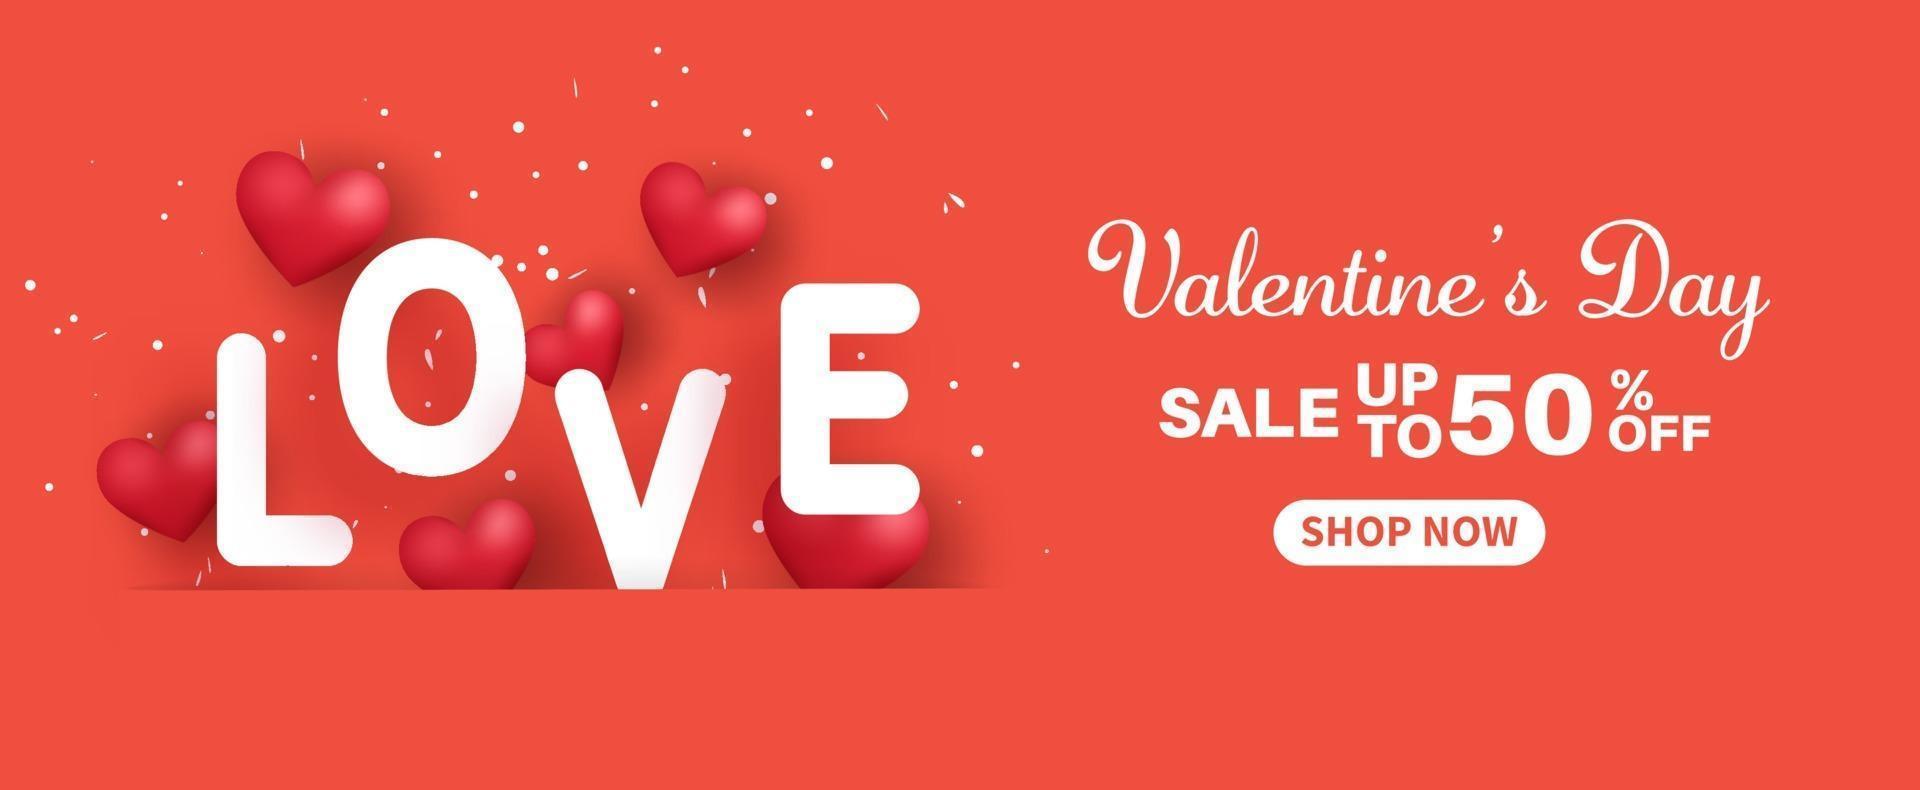 bannière de vente de la Saint-Valentin. vente jusqu'à 50. vecteur